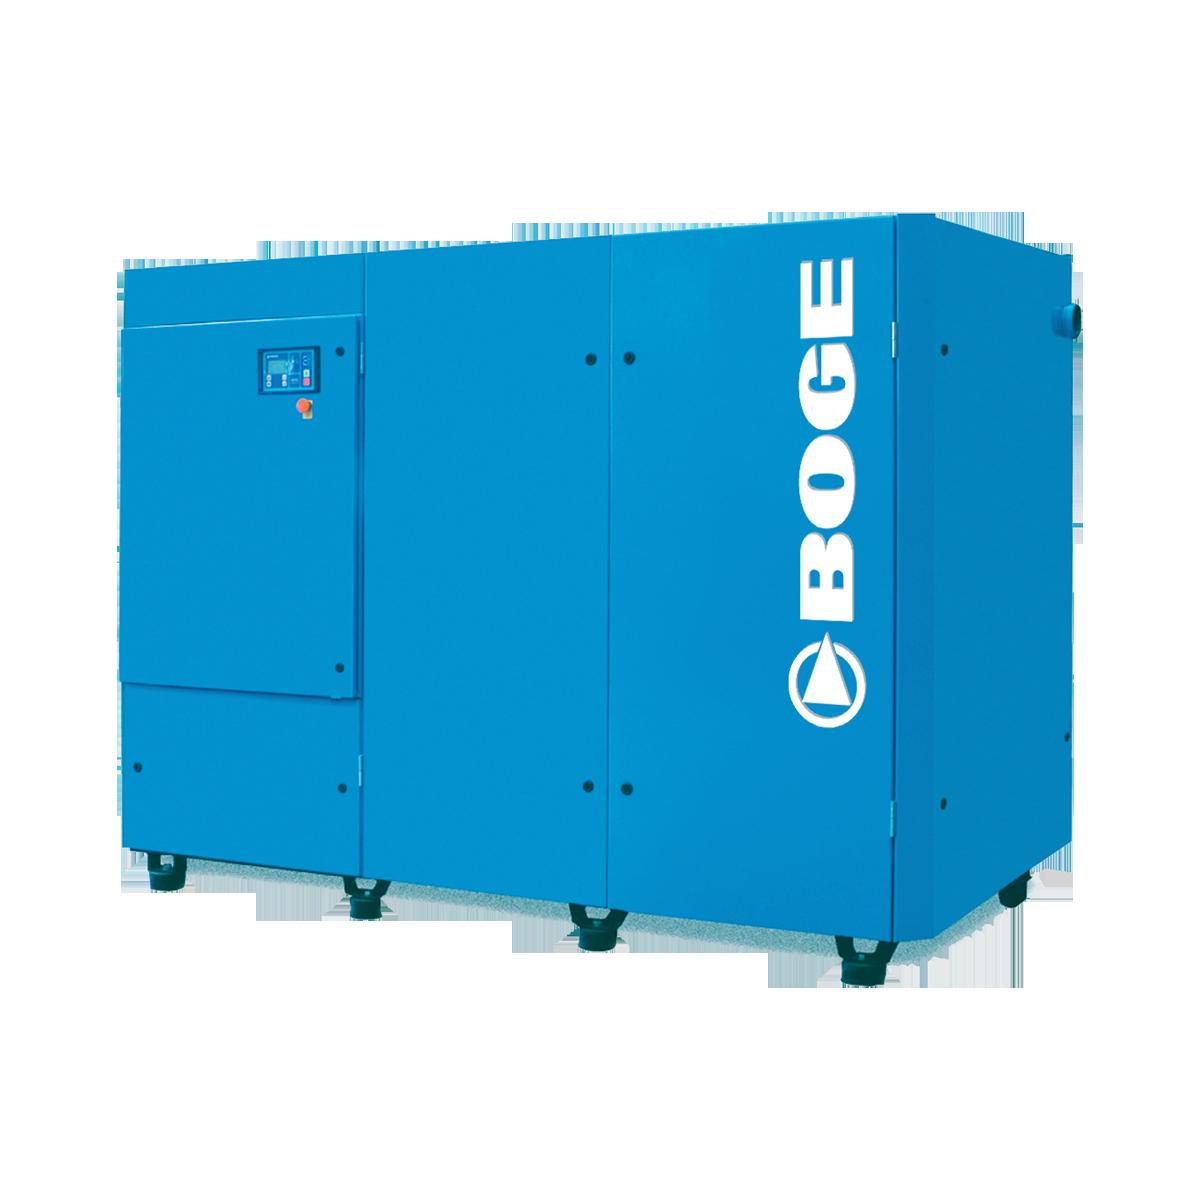 Boge S160-4 Base 3PH 460-575V 100-190 PSI